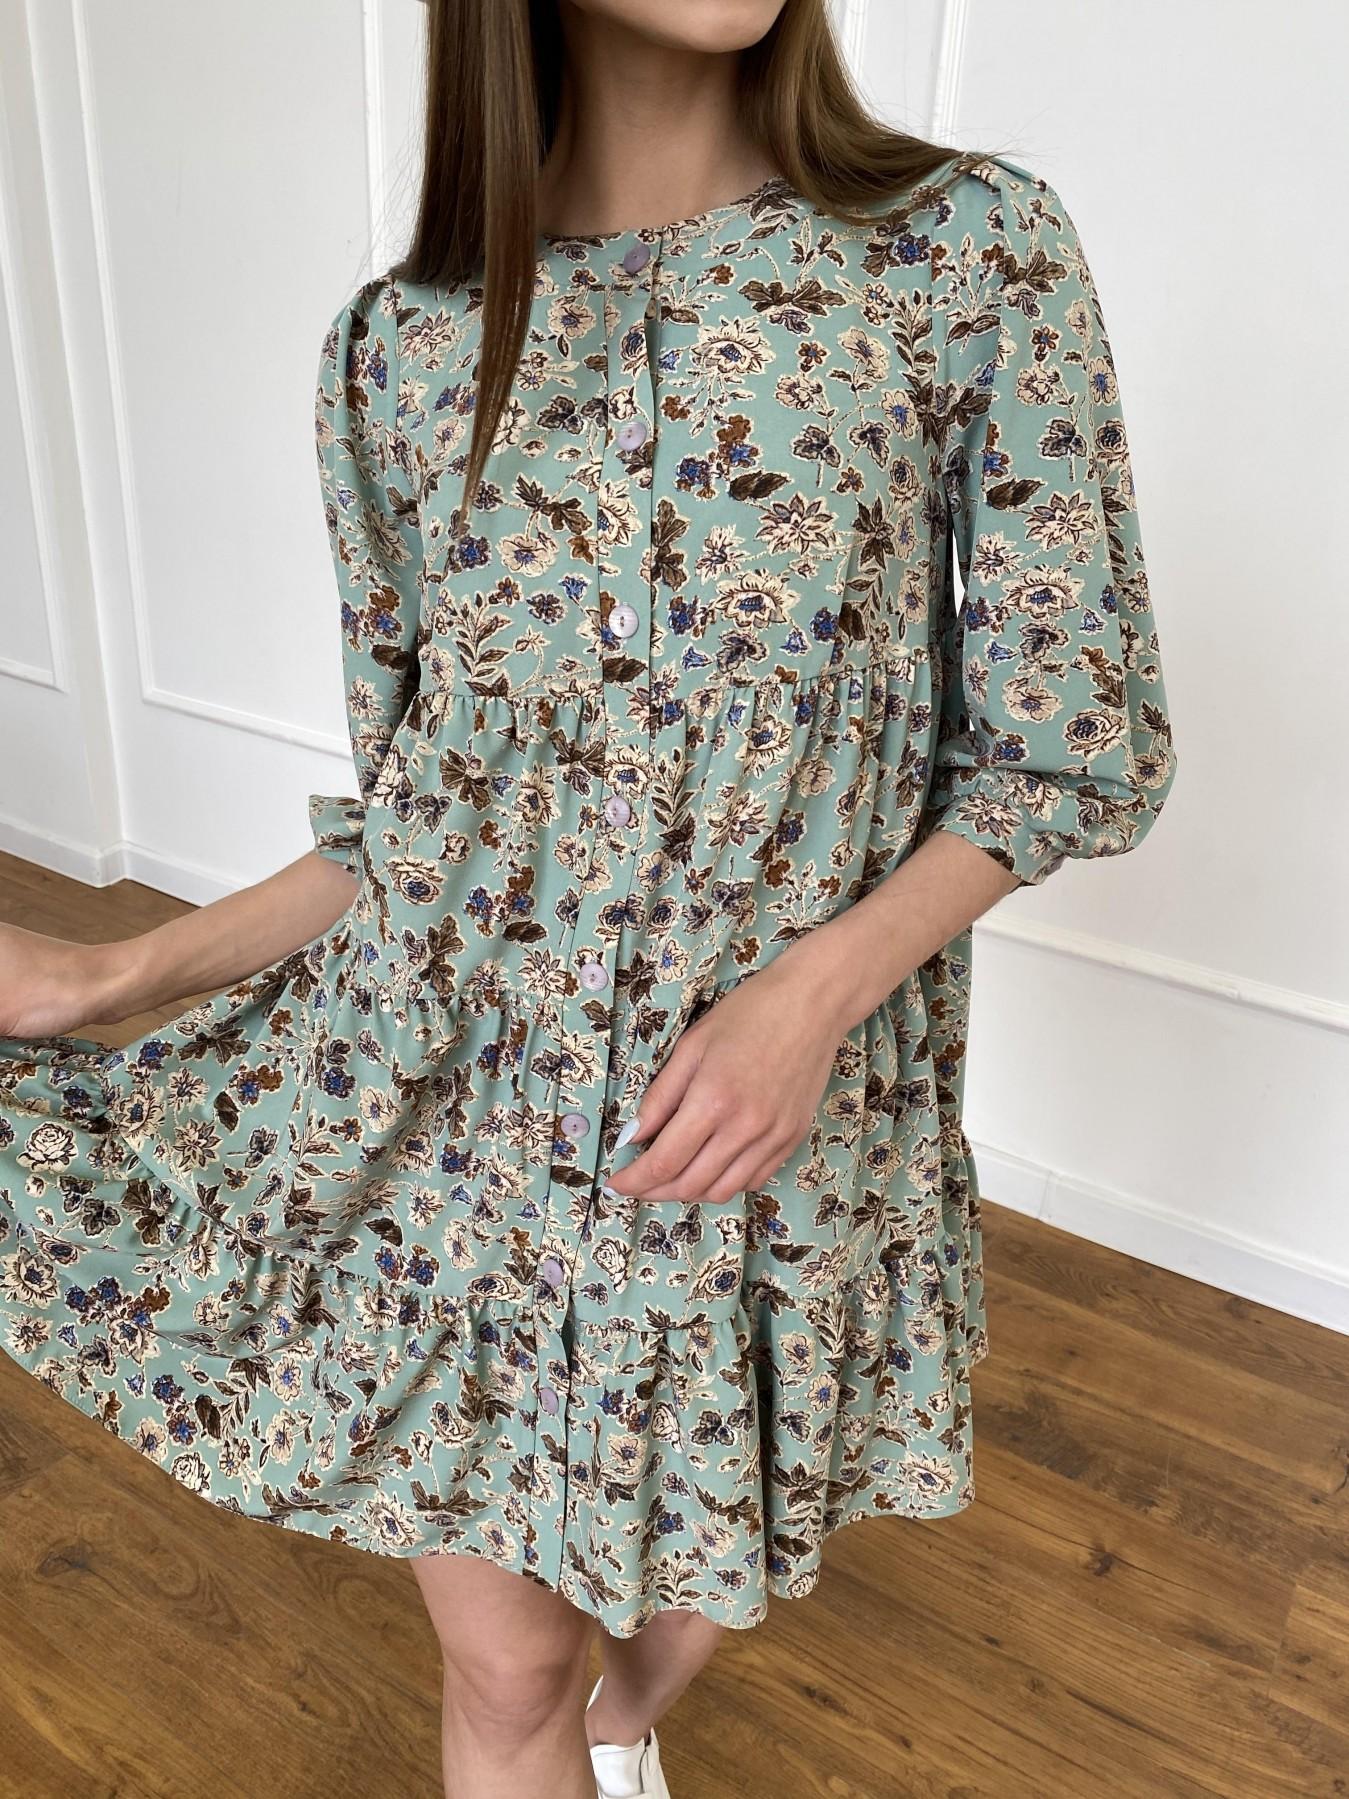 Берри платье из ткани софт в принт 11211 АРТ. 47722 Цвет: Олива/бежевый, Цветы - фото 9, интернет магазин tm-modus.ru